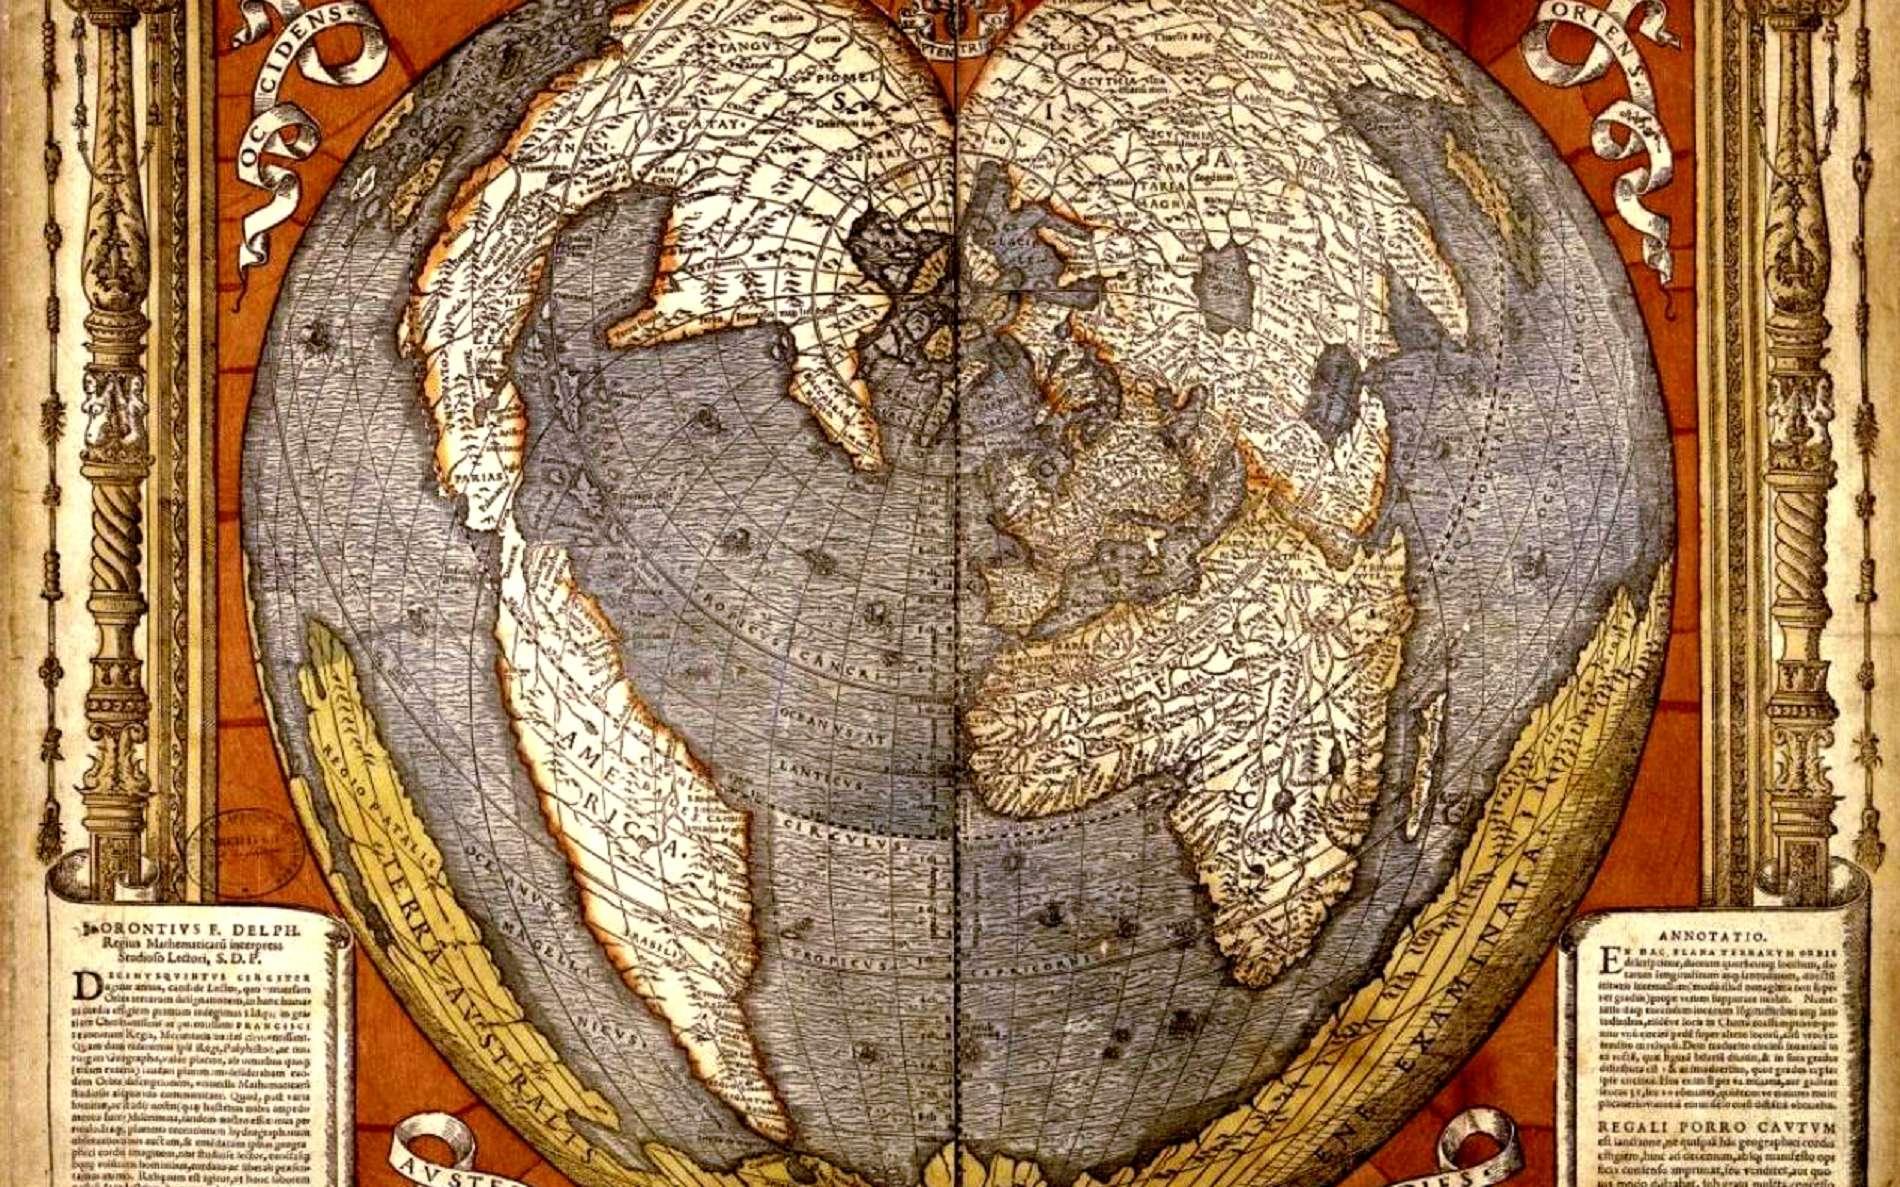 Mappemonde en forme de cœur montrant l'étendue supposée de la Terre Australe inconnue ; carte gravée sur bois et aquarellée, par Oronce Fine en 1536. © Bibliothèque nationale de France, domaine public.